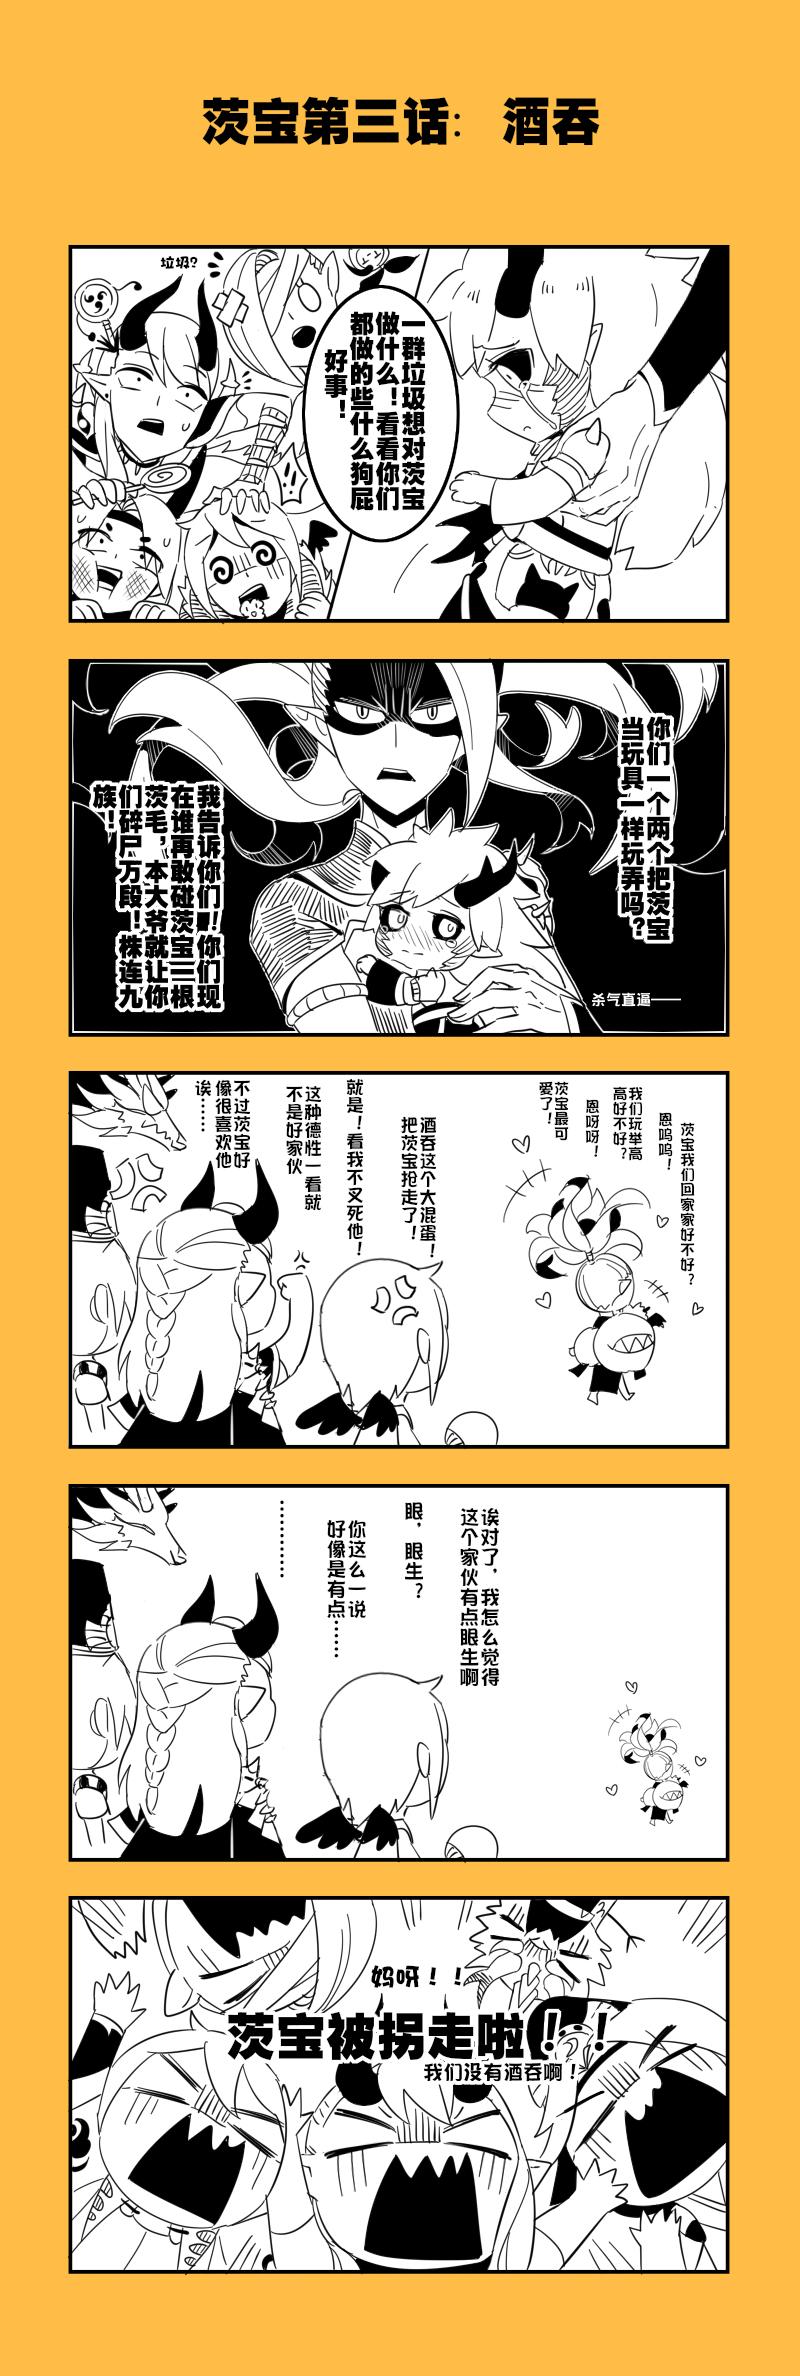 阴阳师茨宝漫画3.jpg